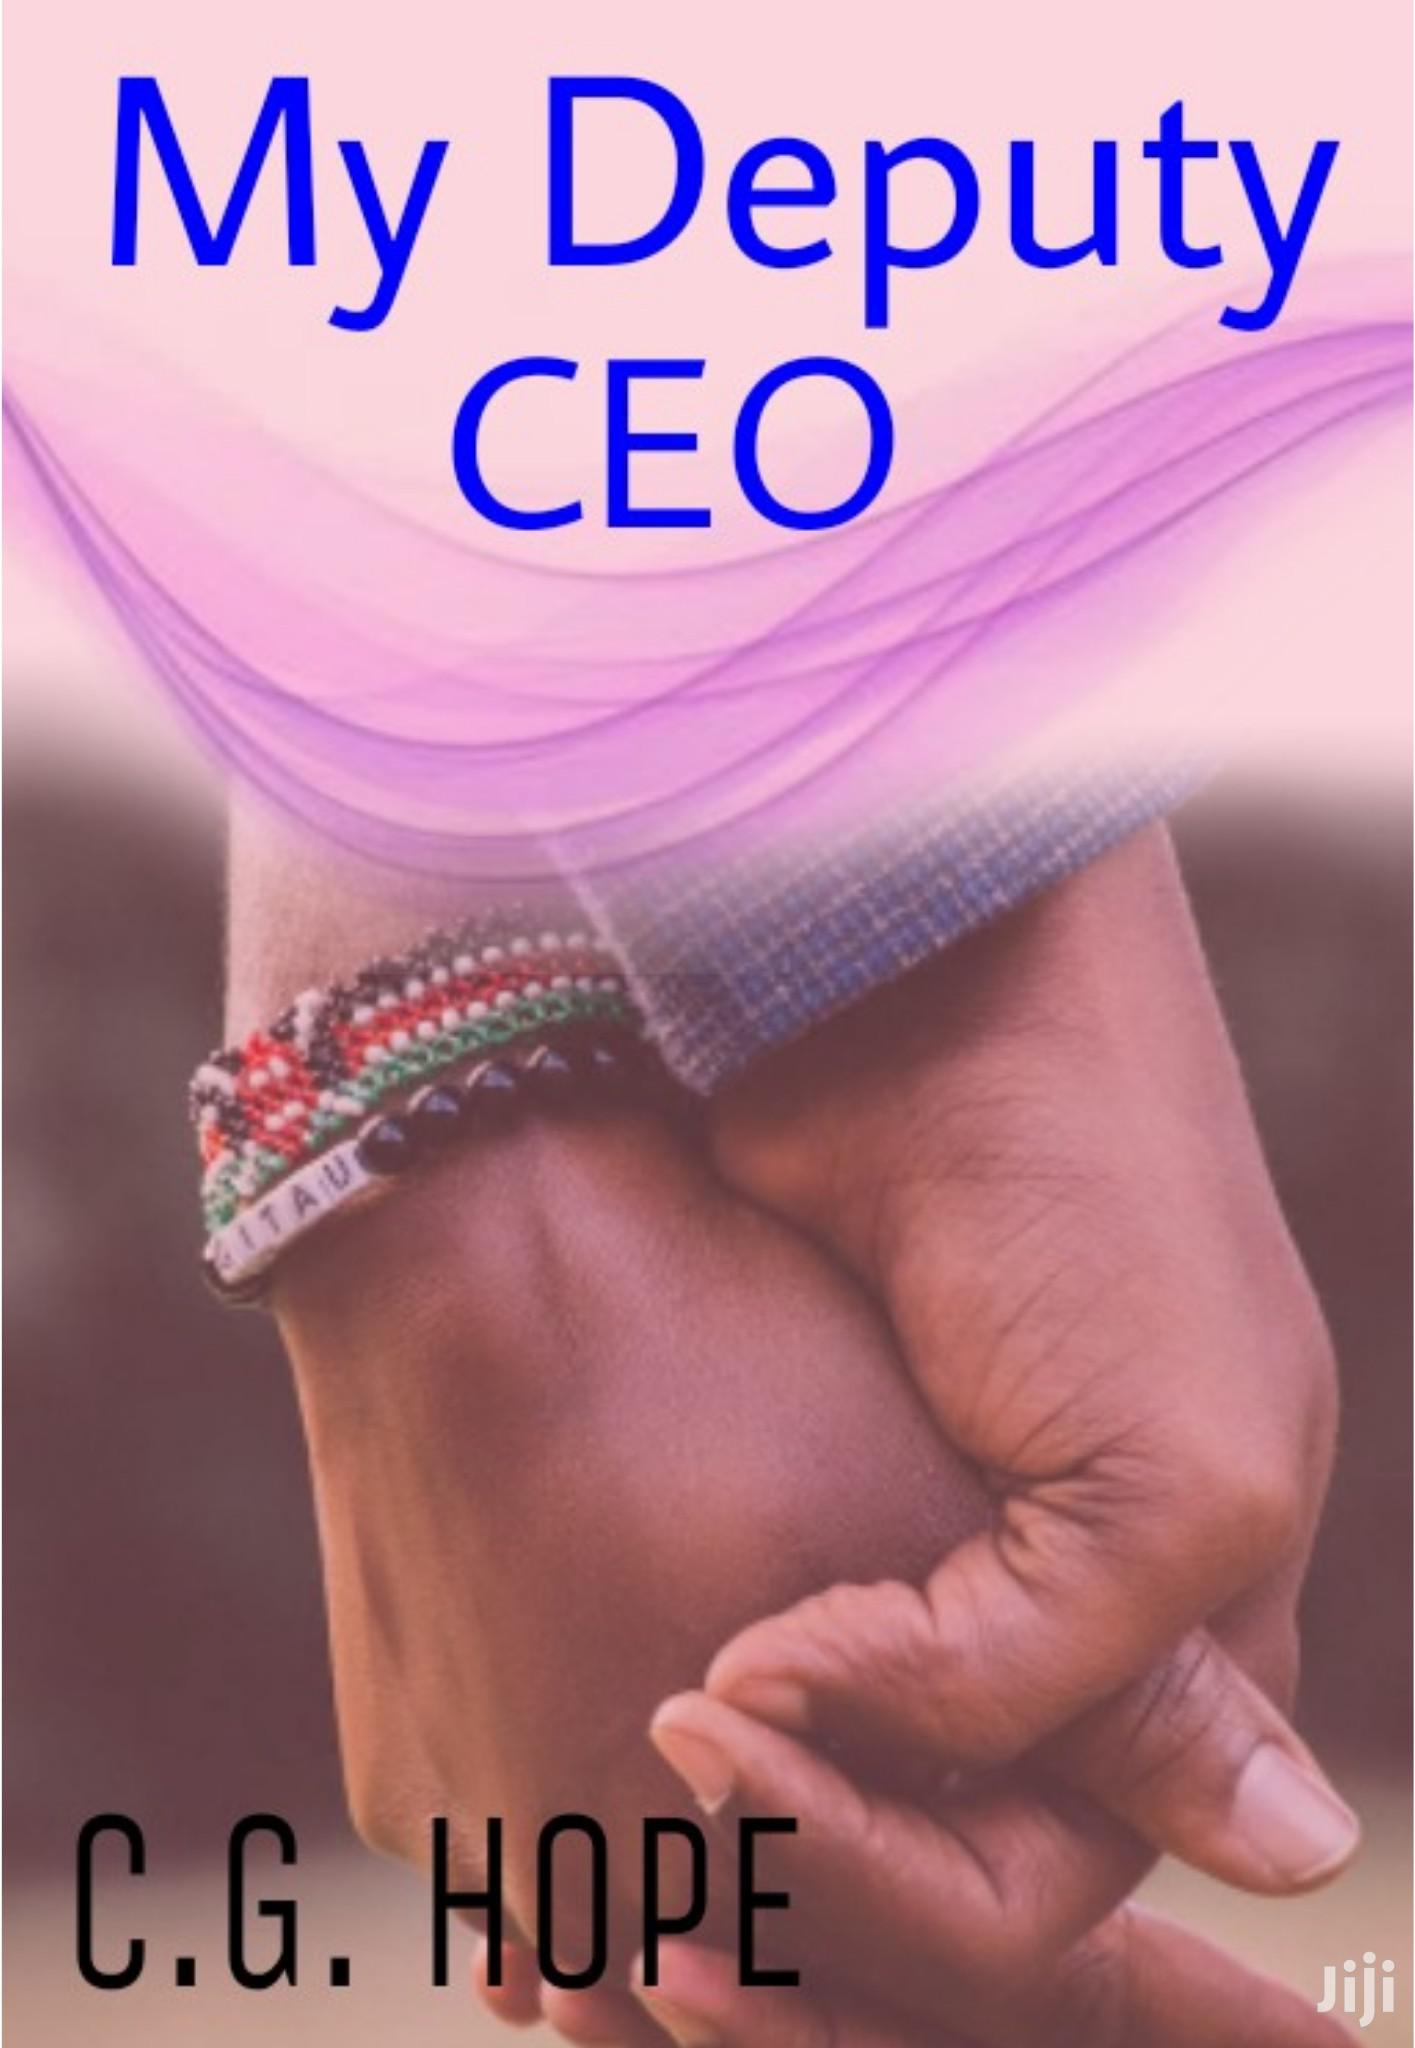 Archive: My Deputy CEO (E-book)